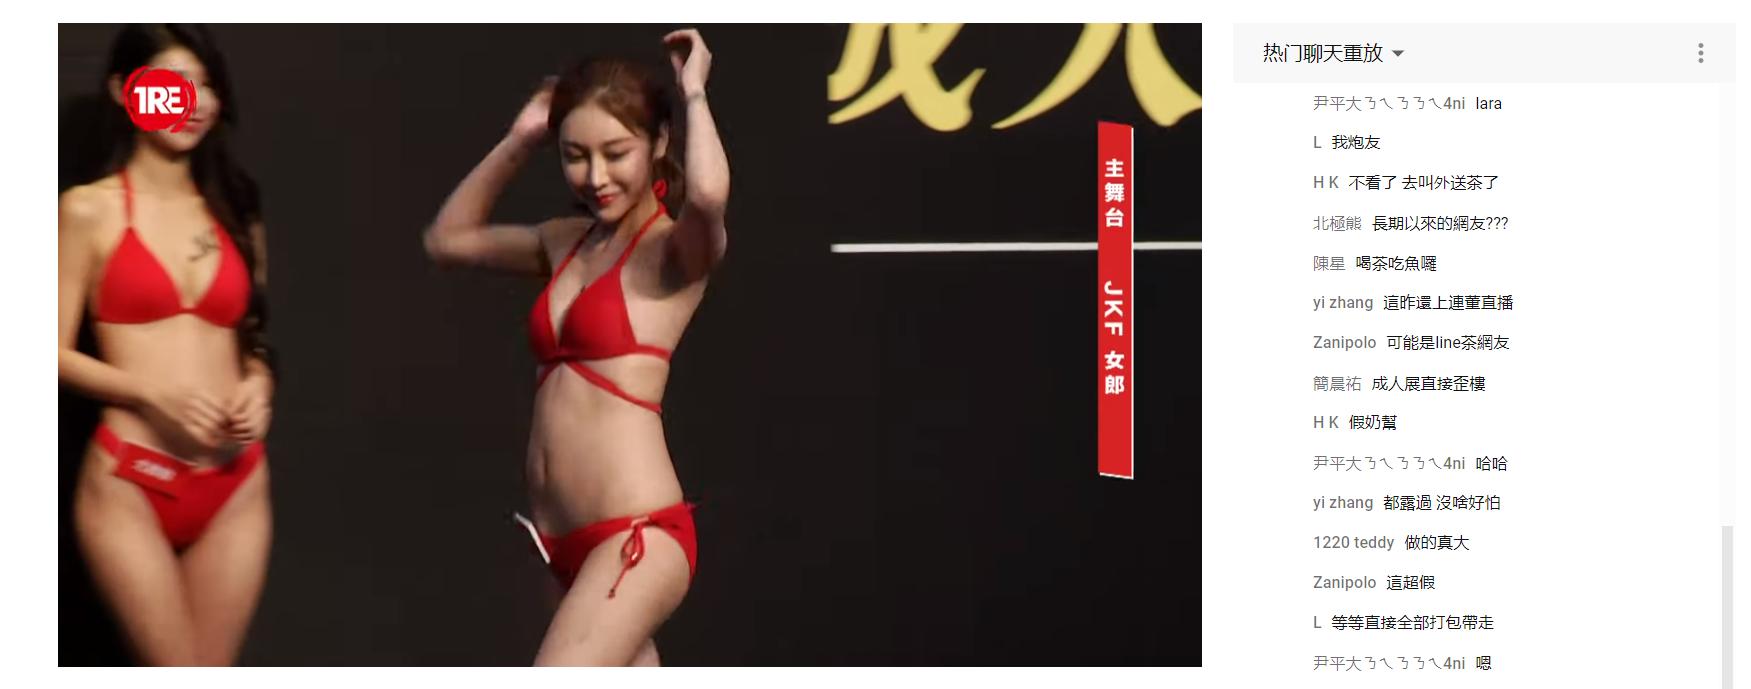 2019台北国际成人展,穿上衣服差点认不出来了,来看看有没有你的硬盘女神